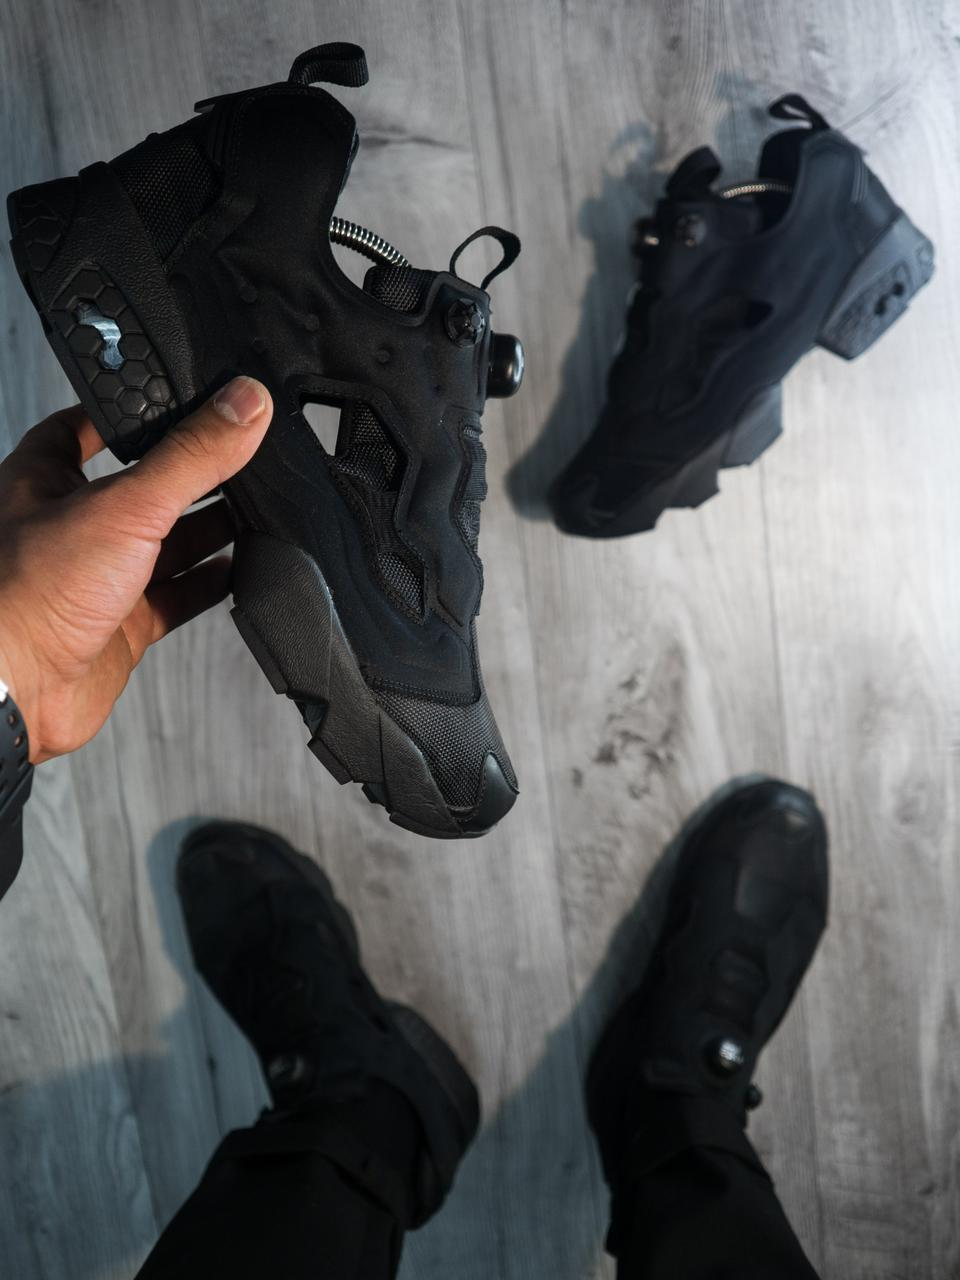 Мужские кроссовки Reebok Insta Pump Fury Черные (реплика) - Магазин одежды  и обуви - 550cea9fe3c